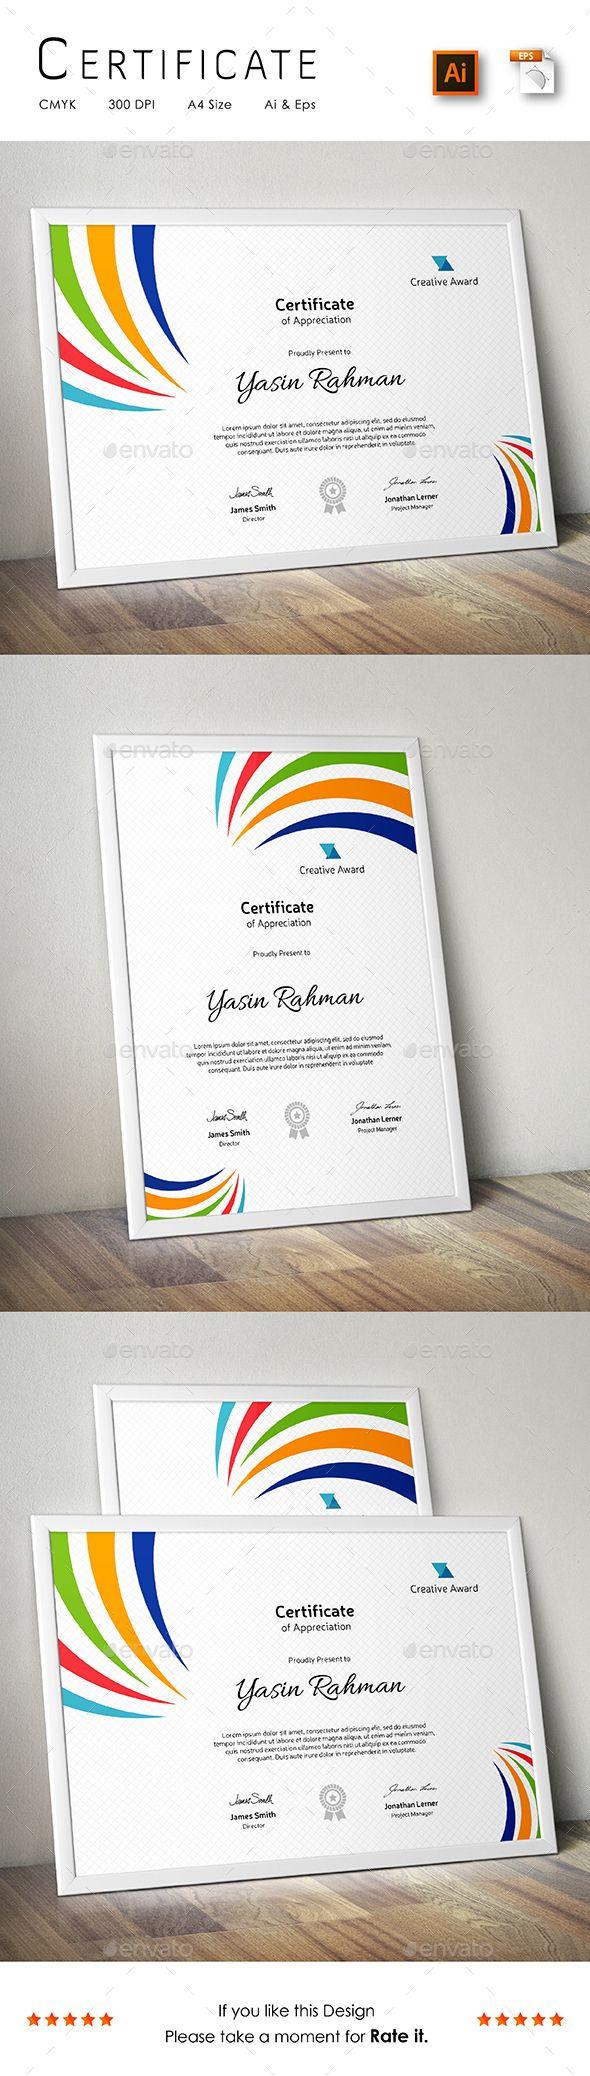 56 besten certificate Bilder auf Pinterest | Zertifikatvorlagen ...